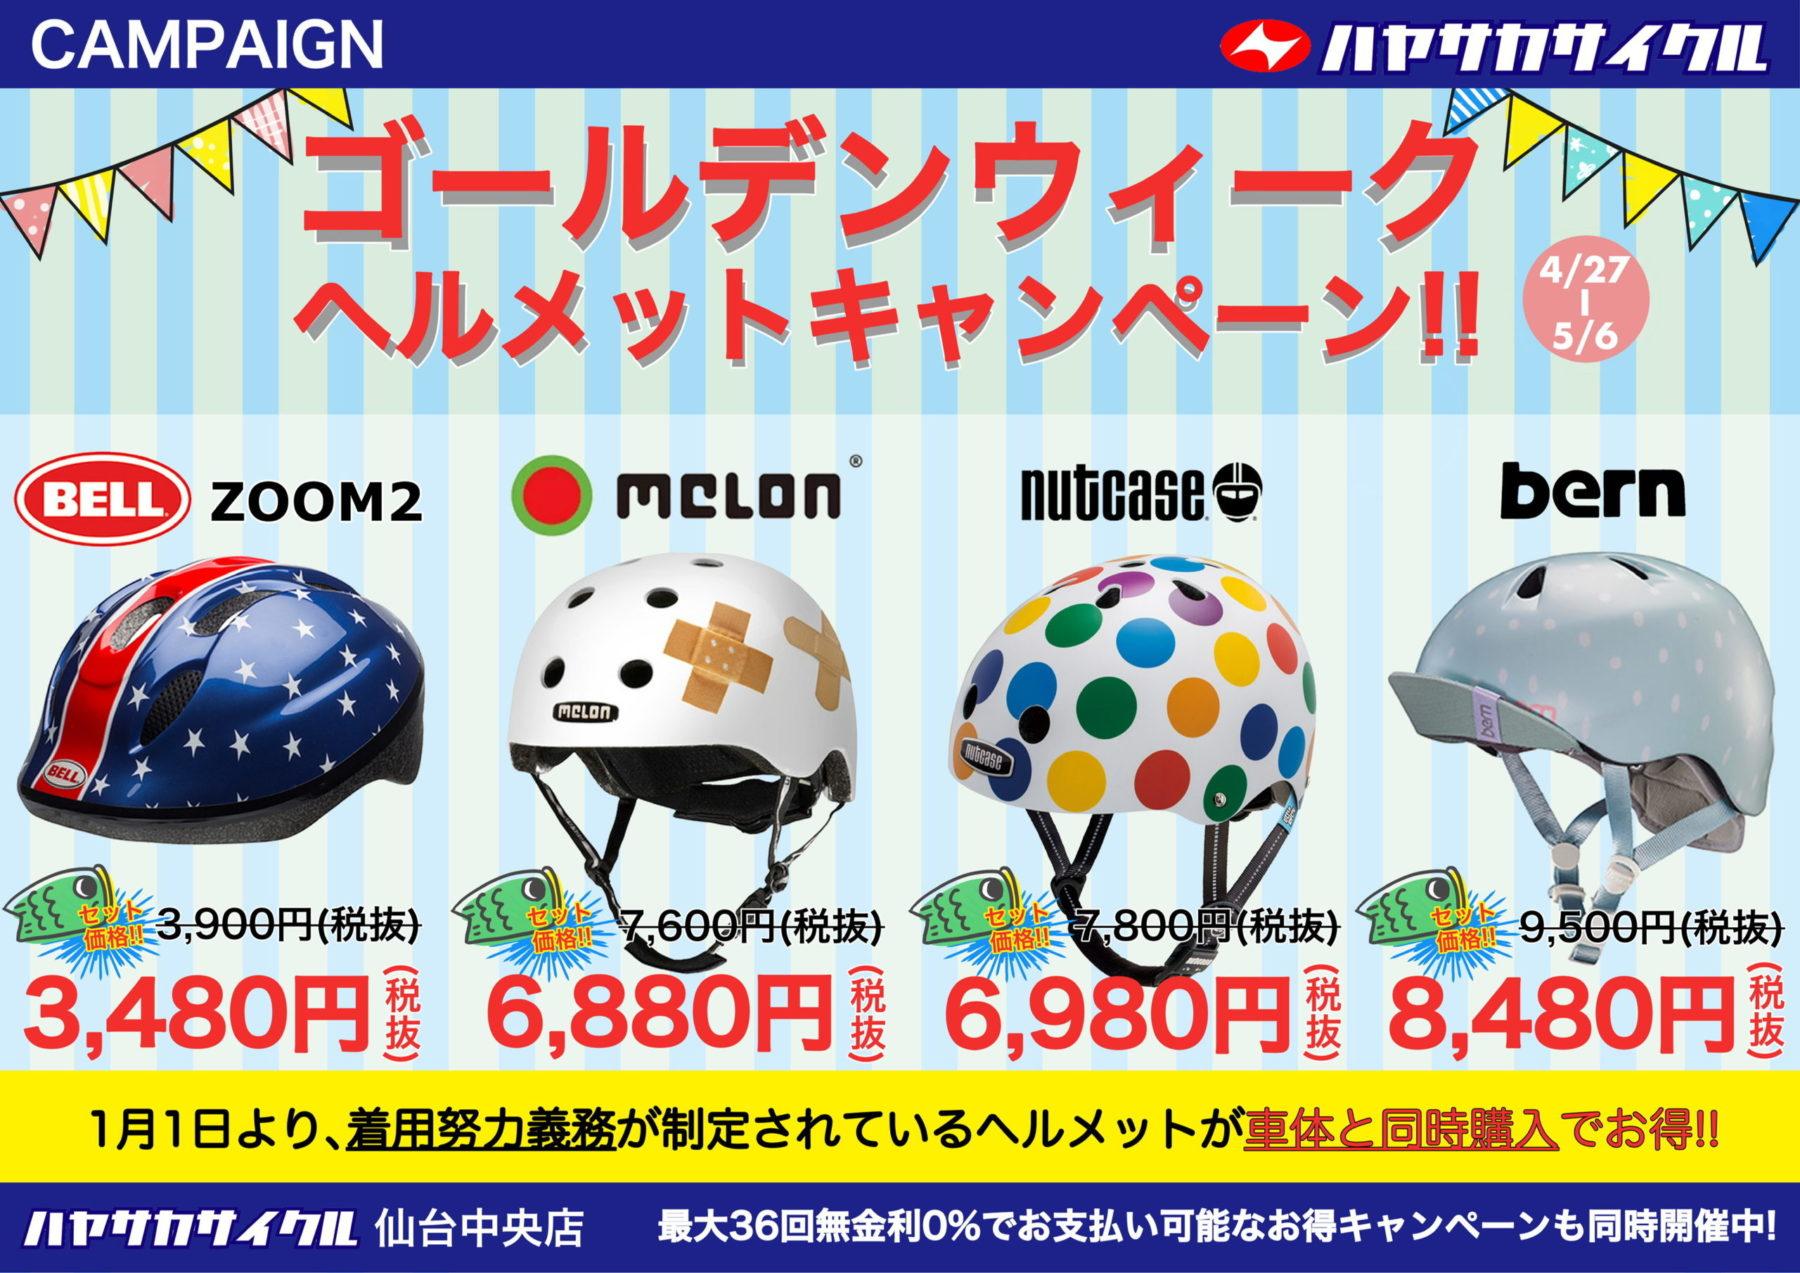 GWヘルメット